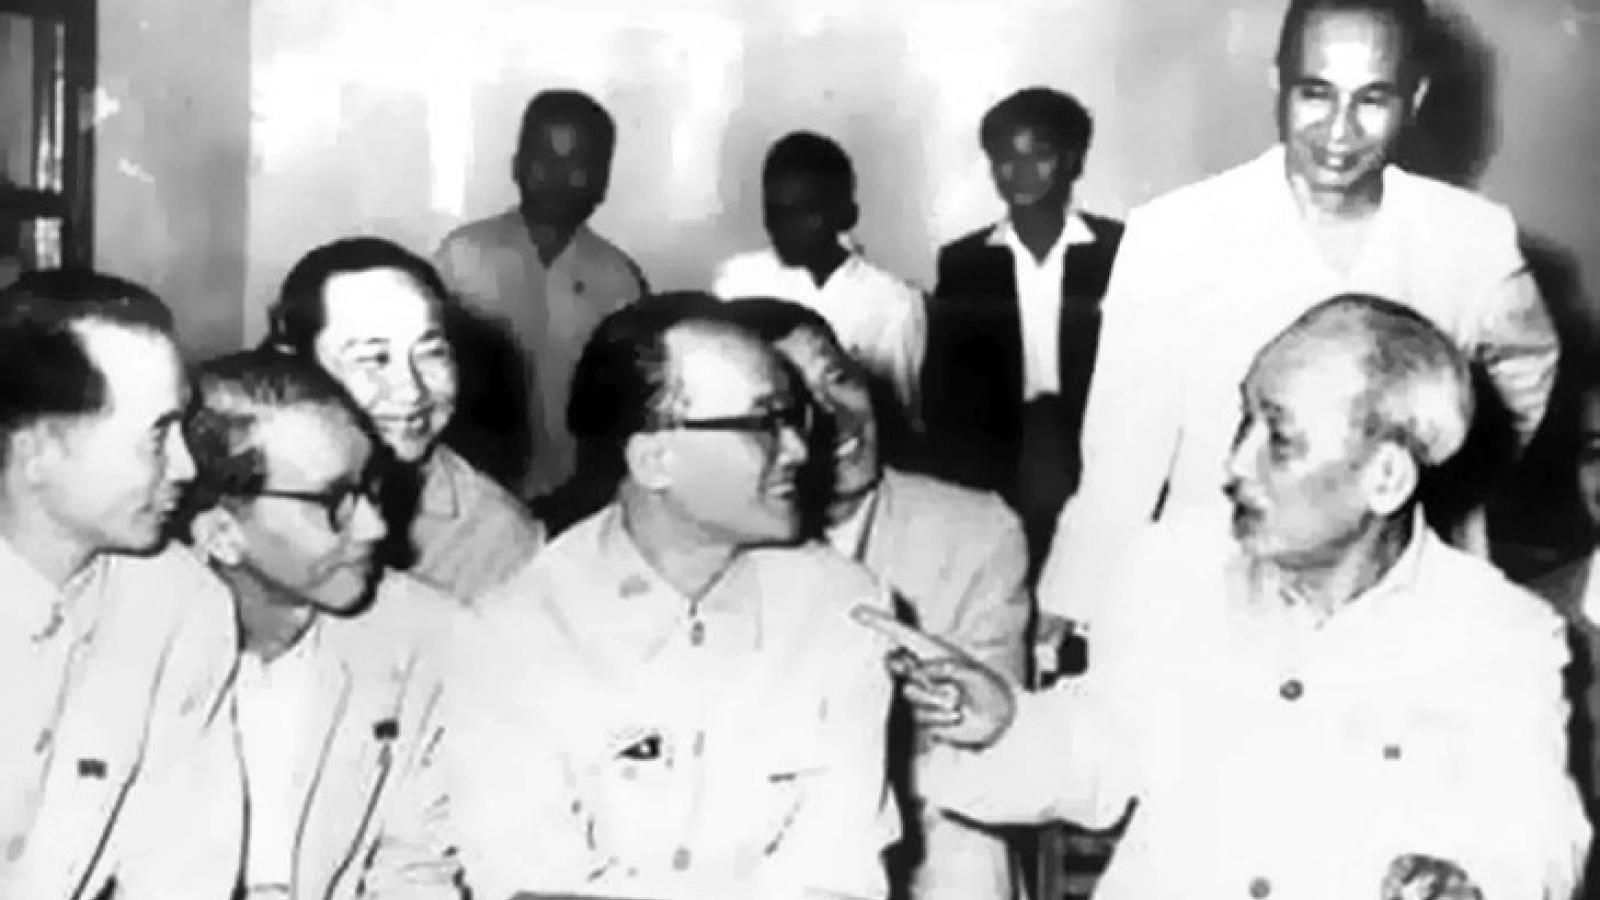 Chủ tịch Hồ Chí Minh và chính sách trọng người tài, trọng văn nghệ sỹ